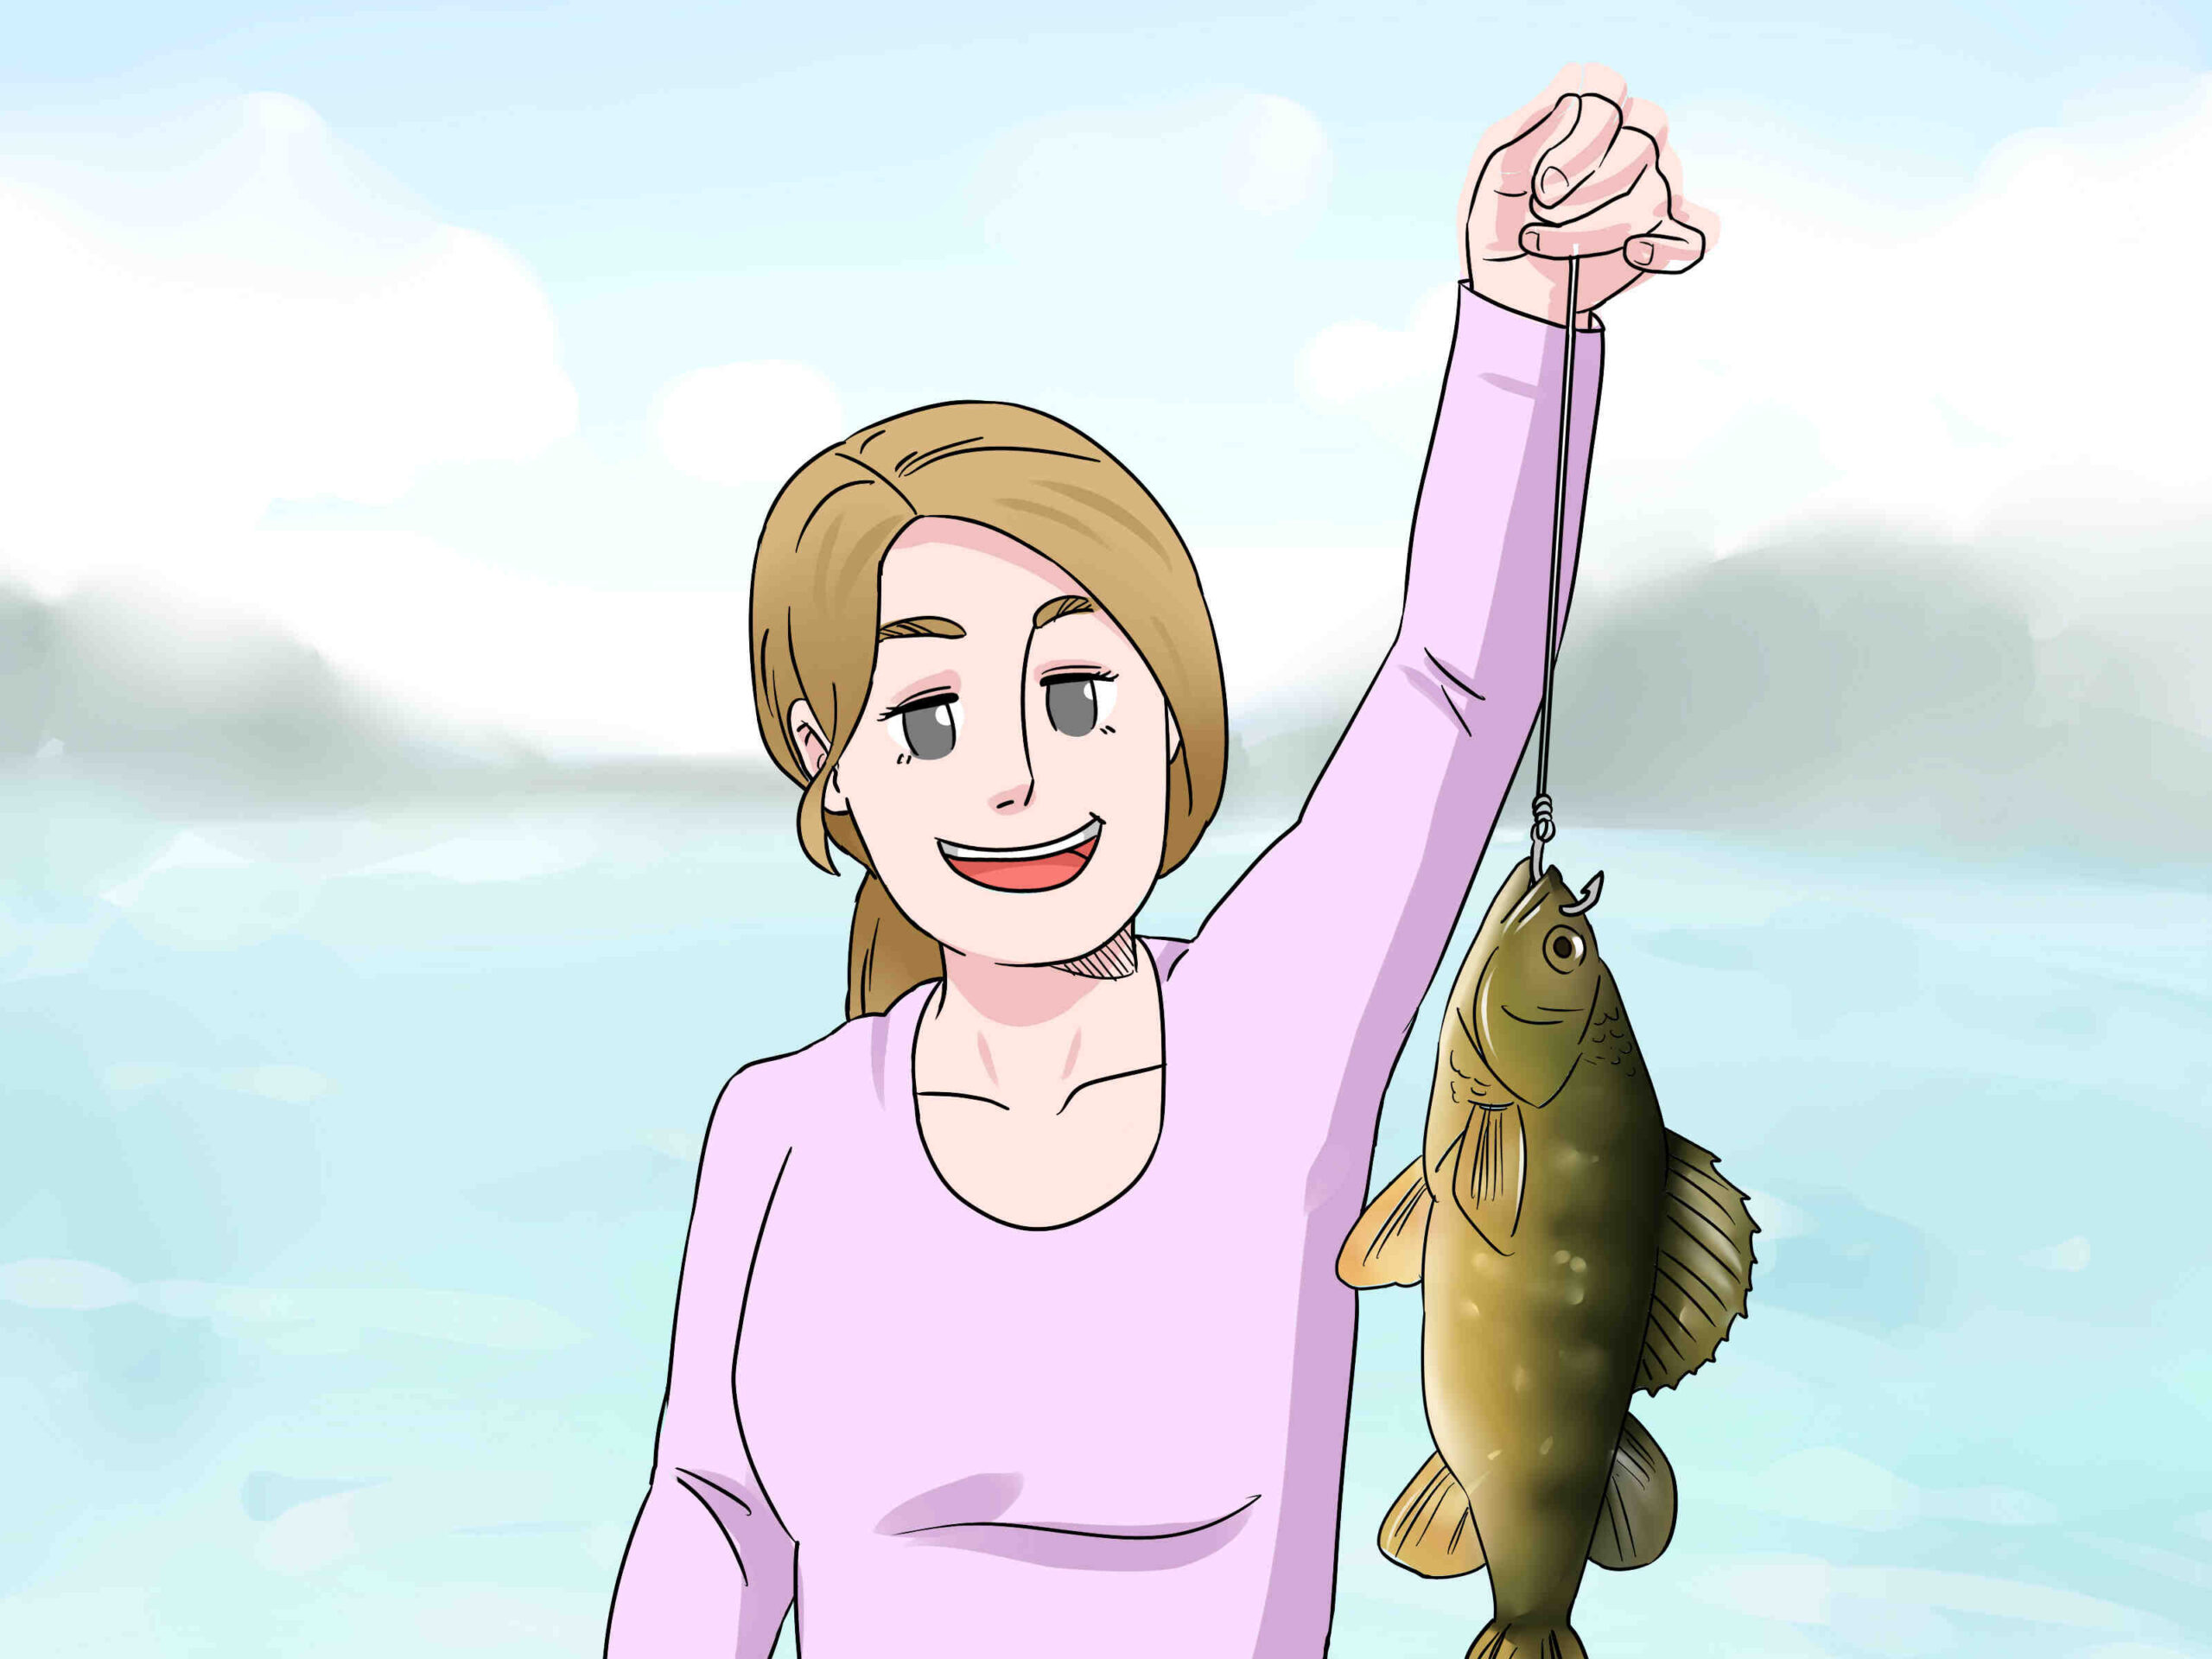 Quel est le meilleur appât pour pêcher la perche ?